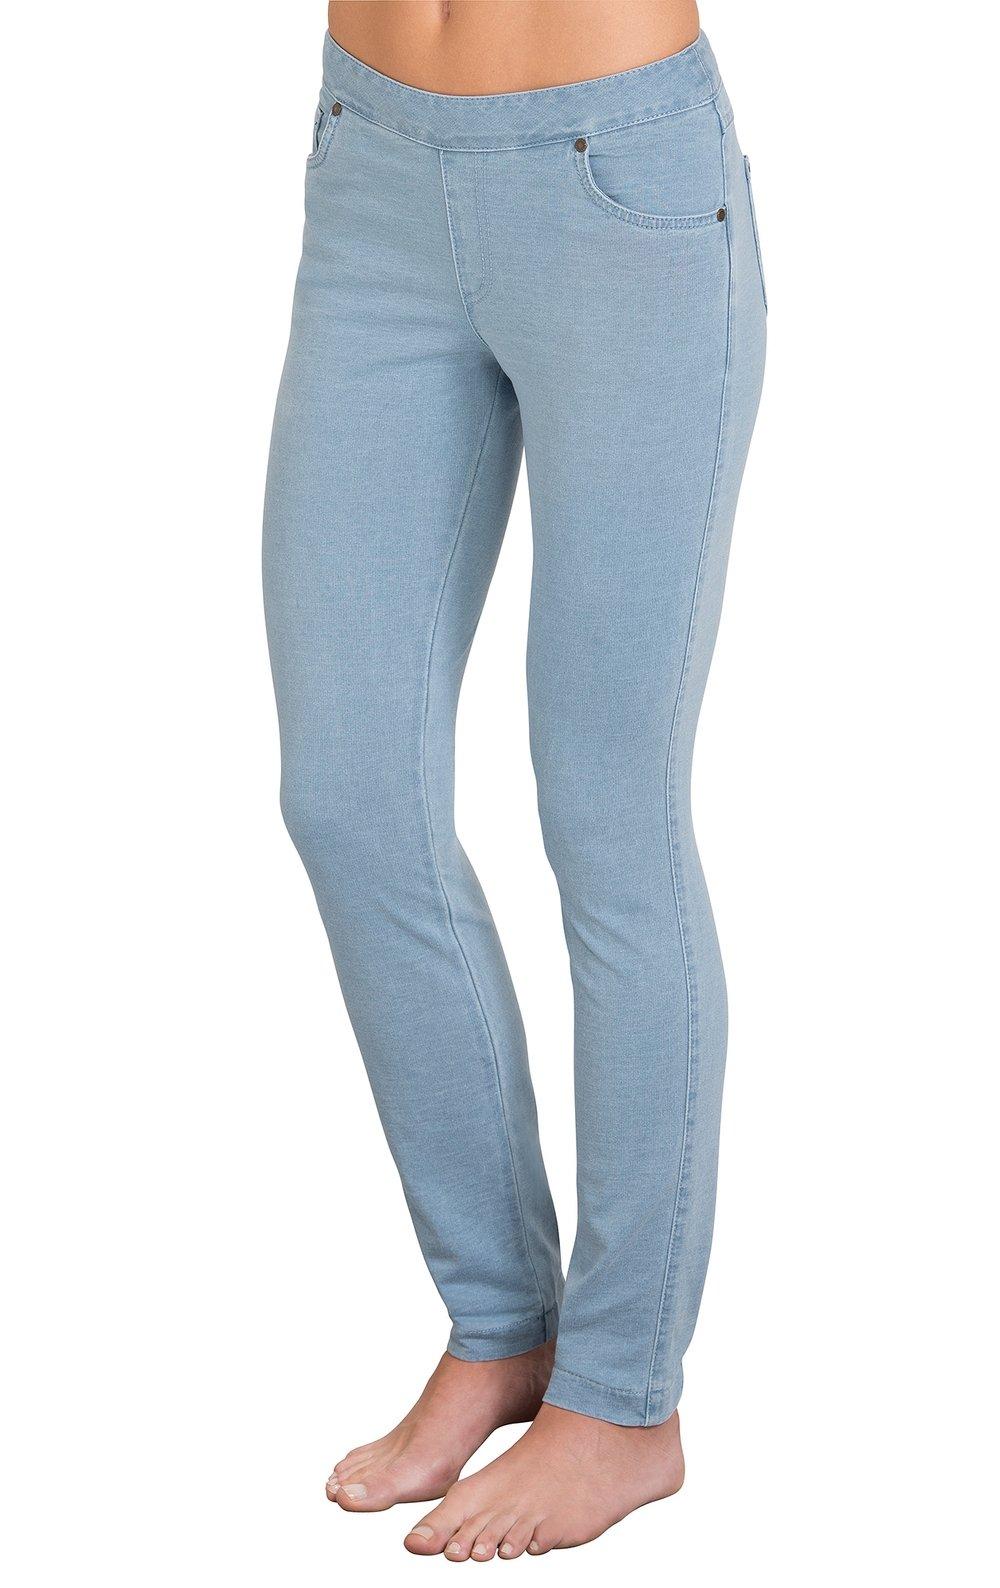 PajamaJeans Womens Skinny Stretch Clearwater